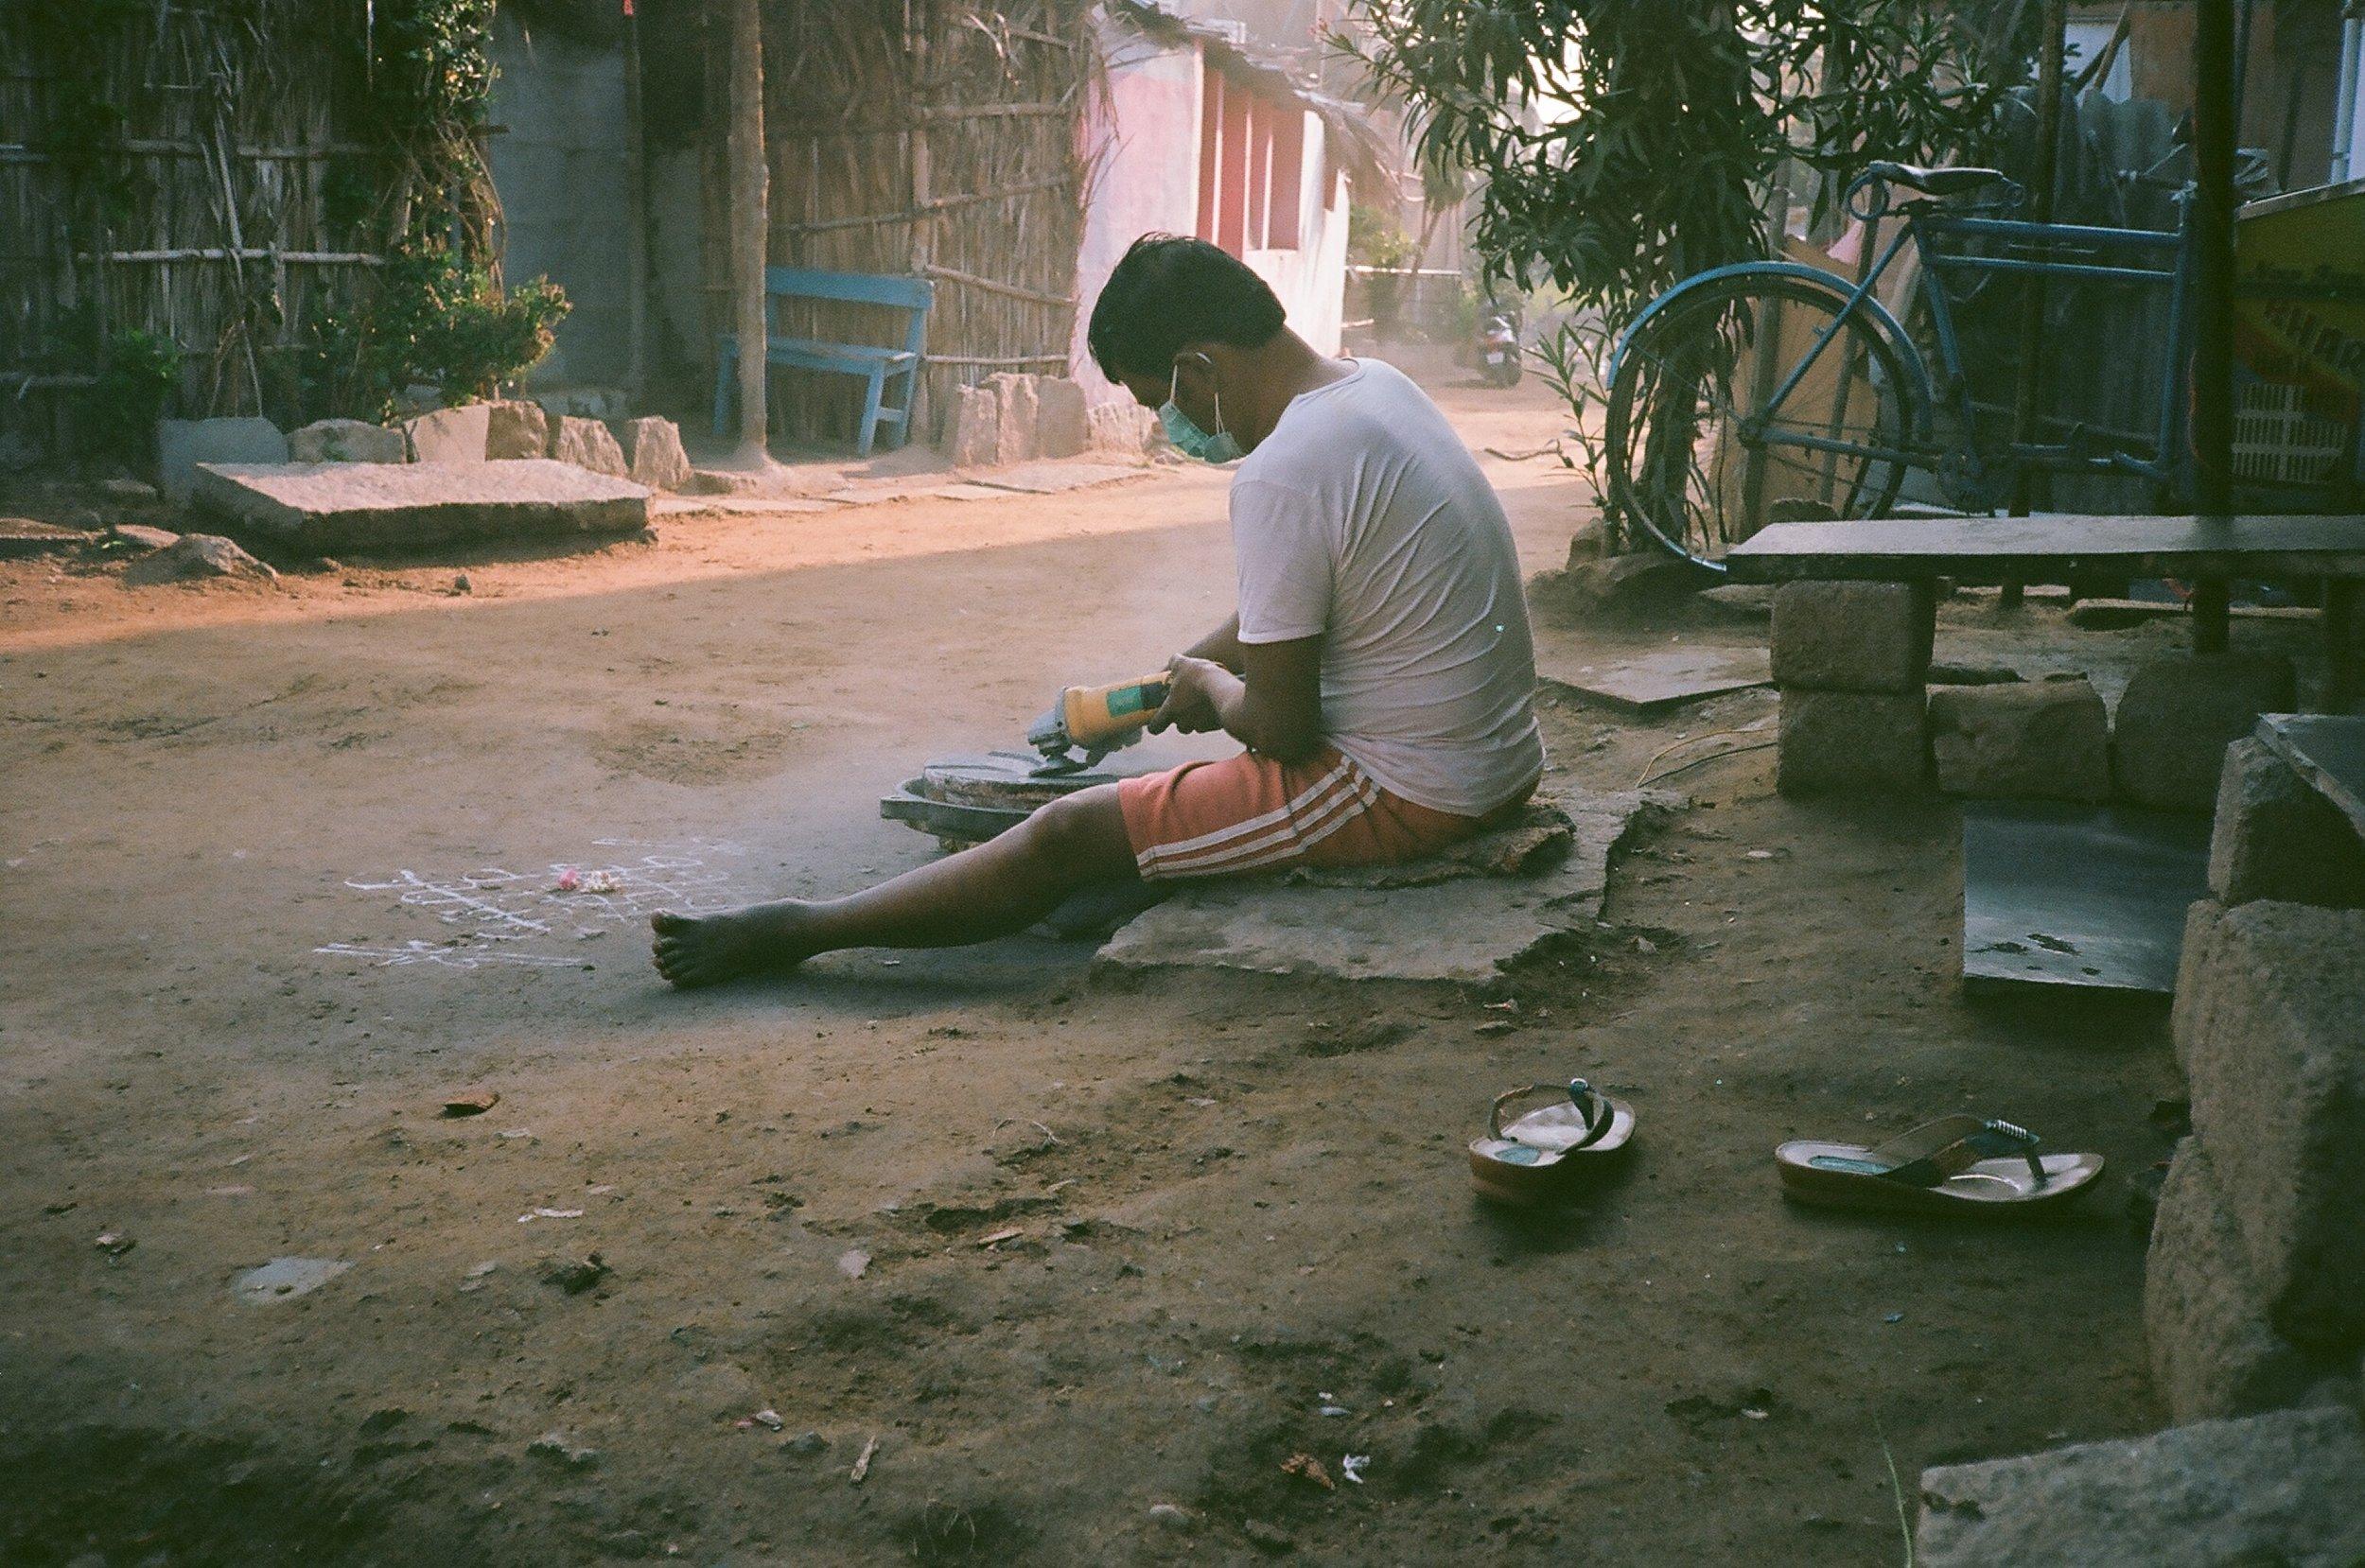 sandal_india_eagertourist.jpg